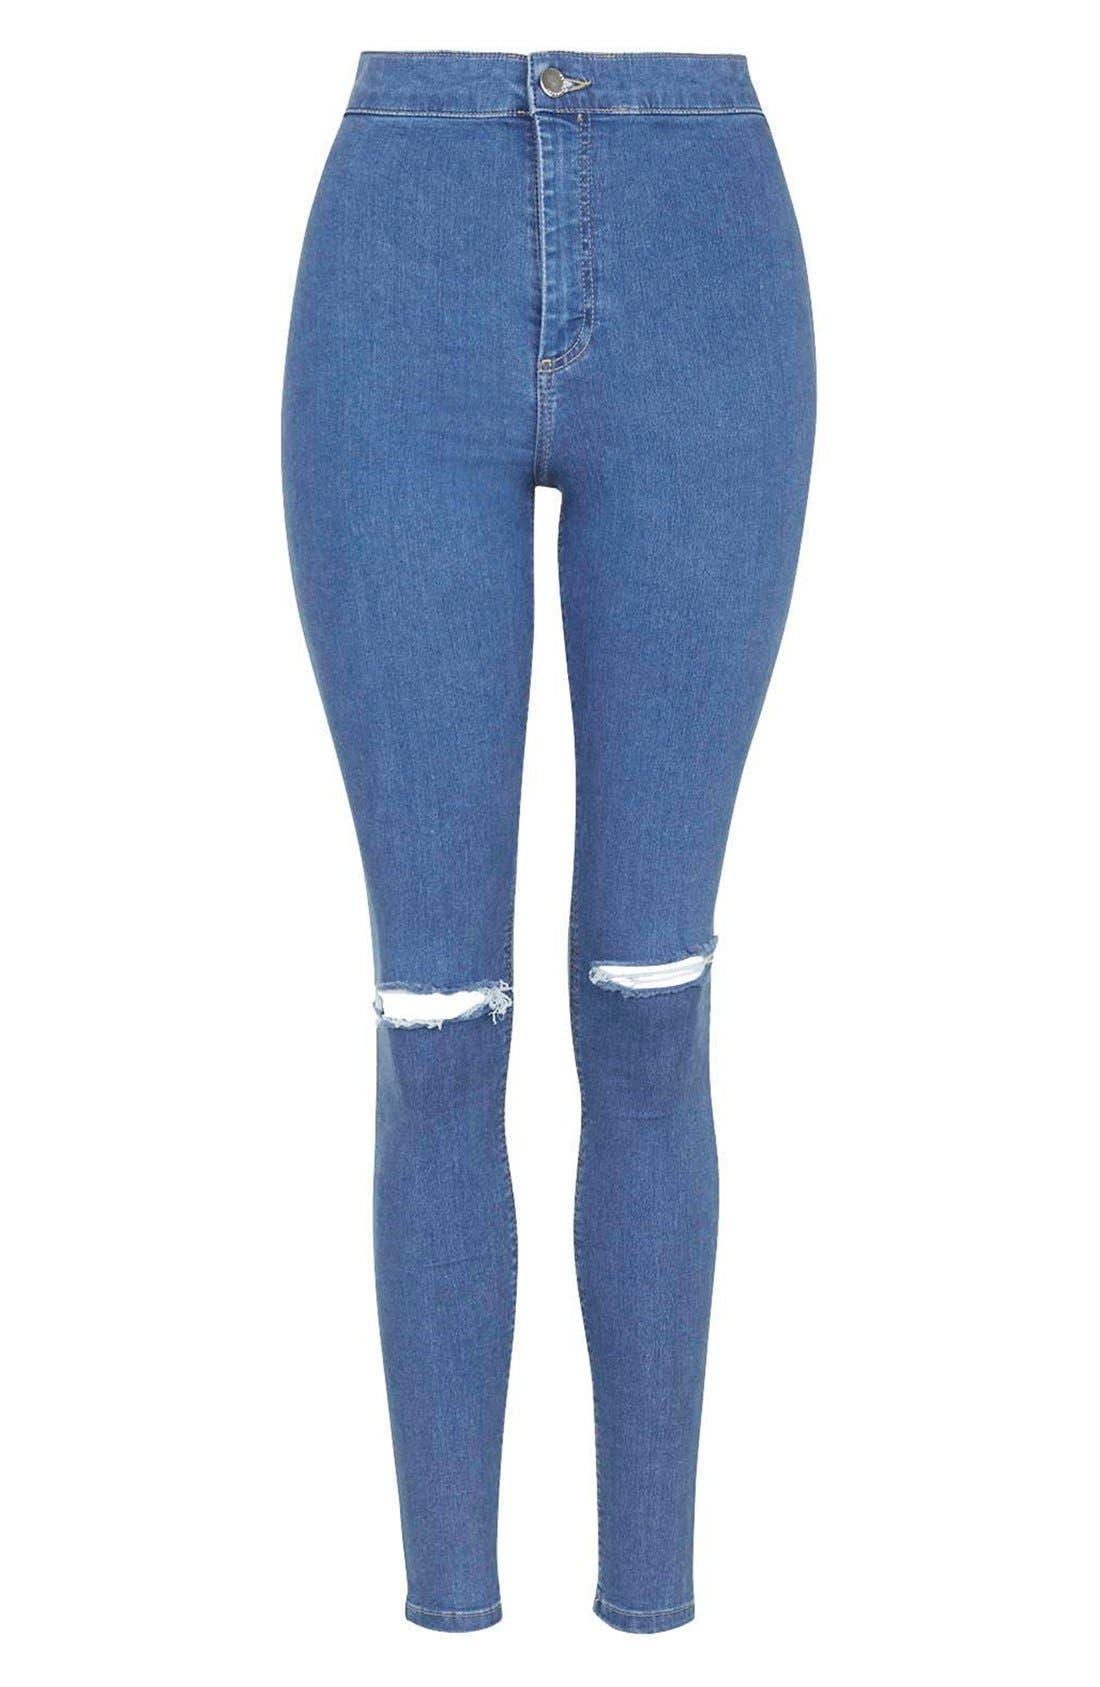 Alternate Image 5  - Topshop 'Joni' RippedHigh Rise Skinny Jeans (Petite)